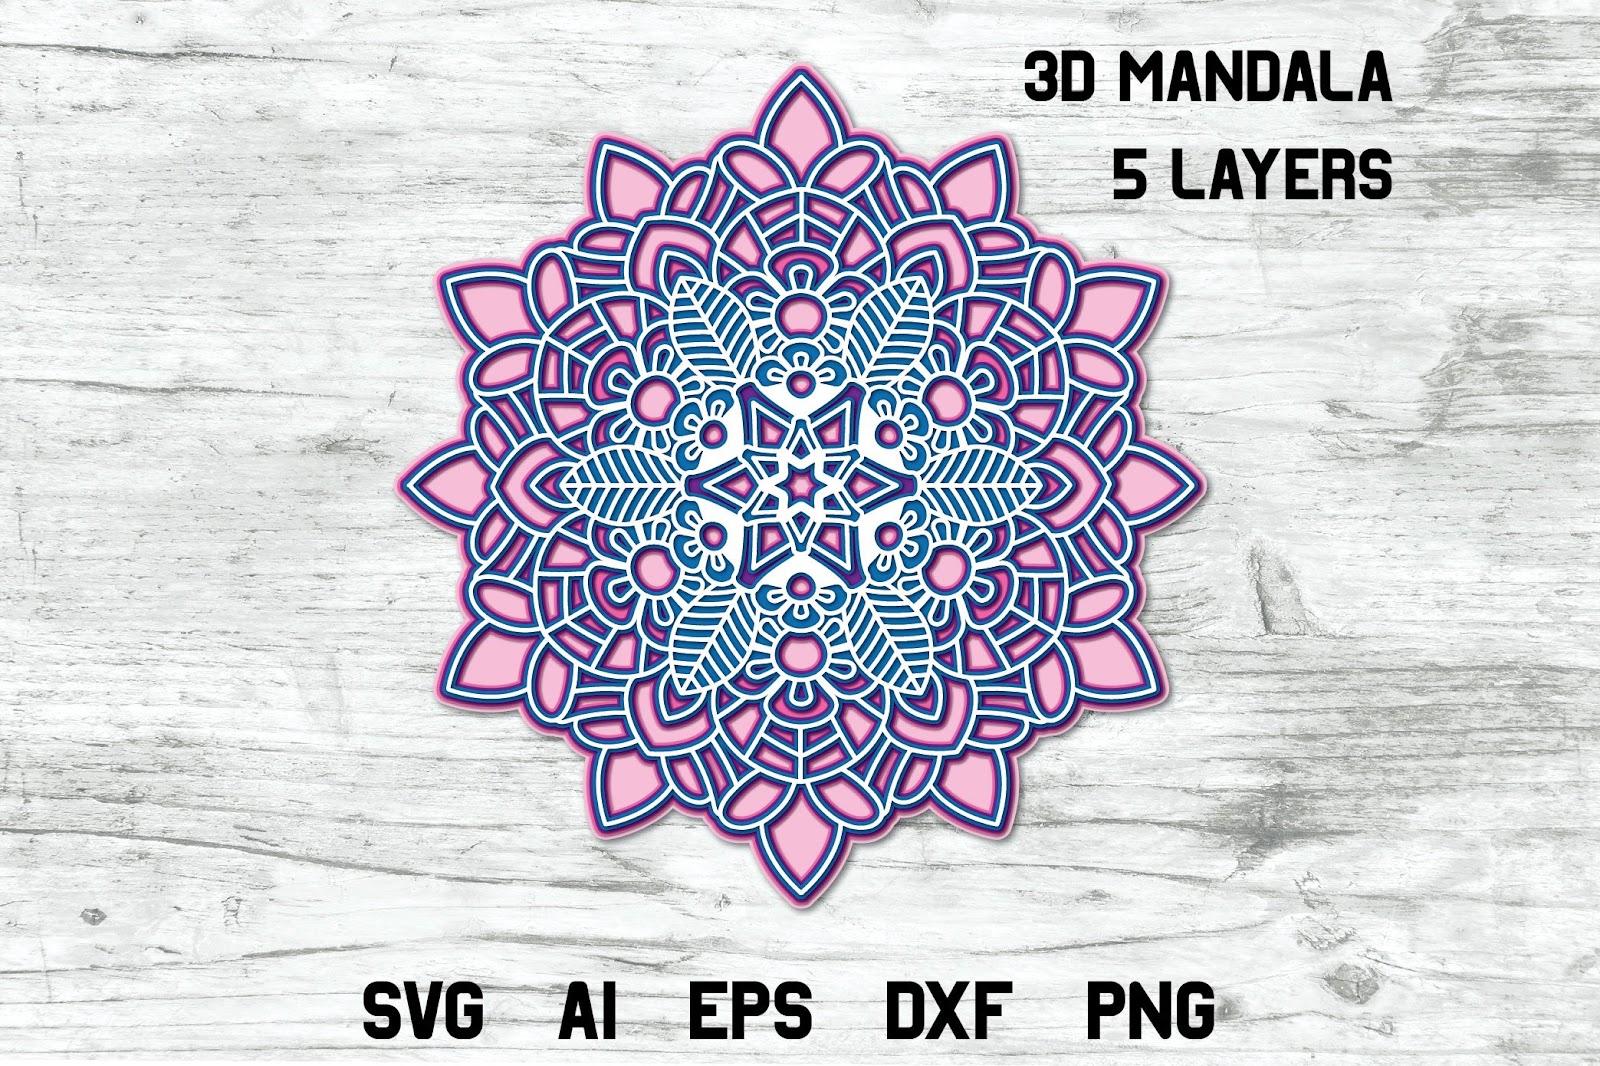 Multi Layered Mandala Layered L Svg - Free Layered SVG Files